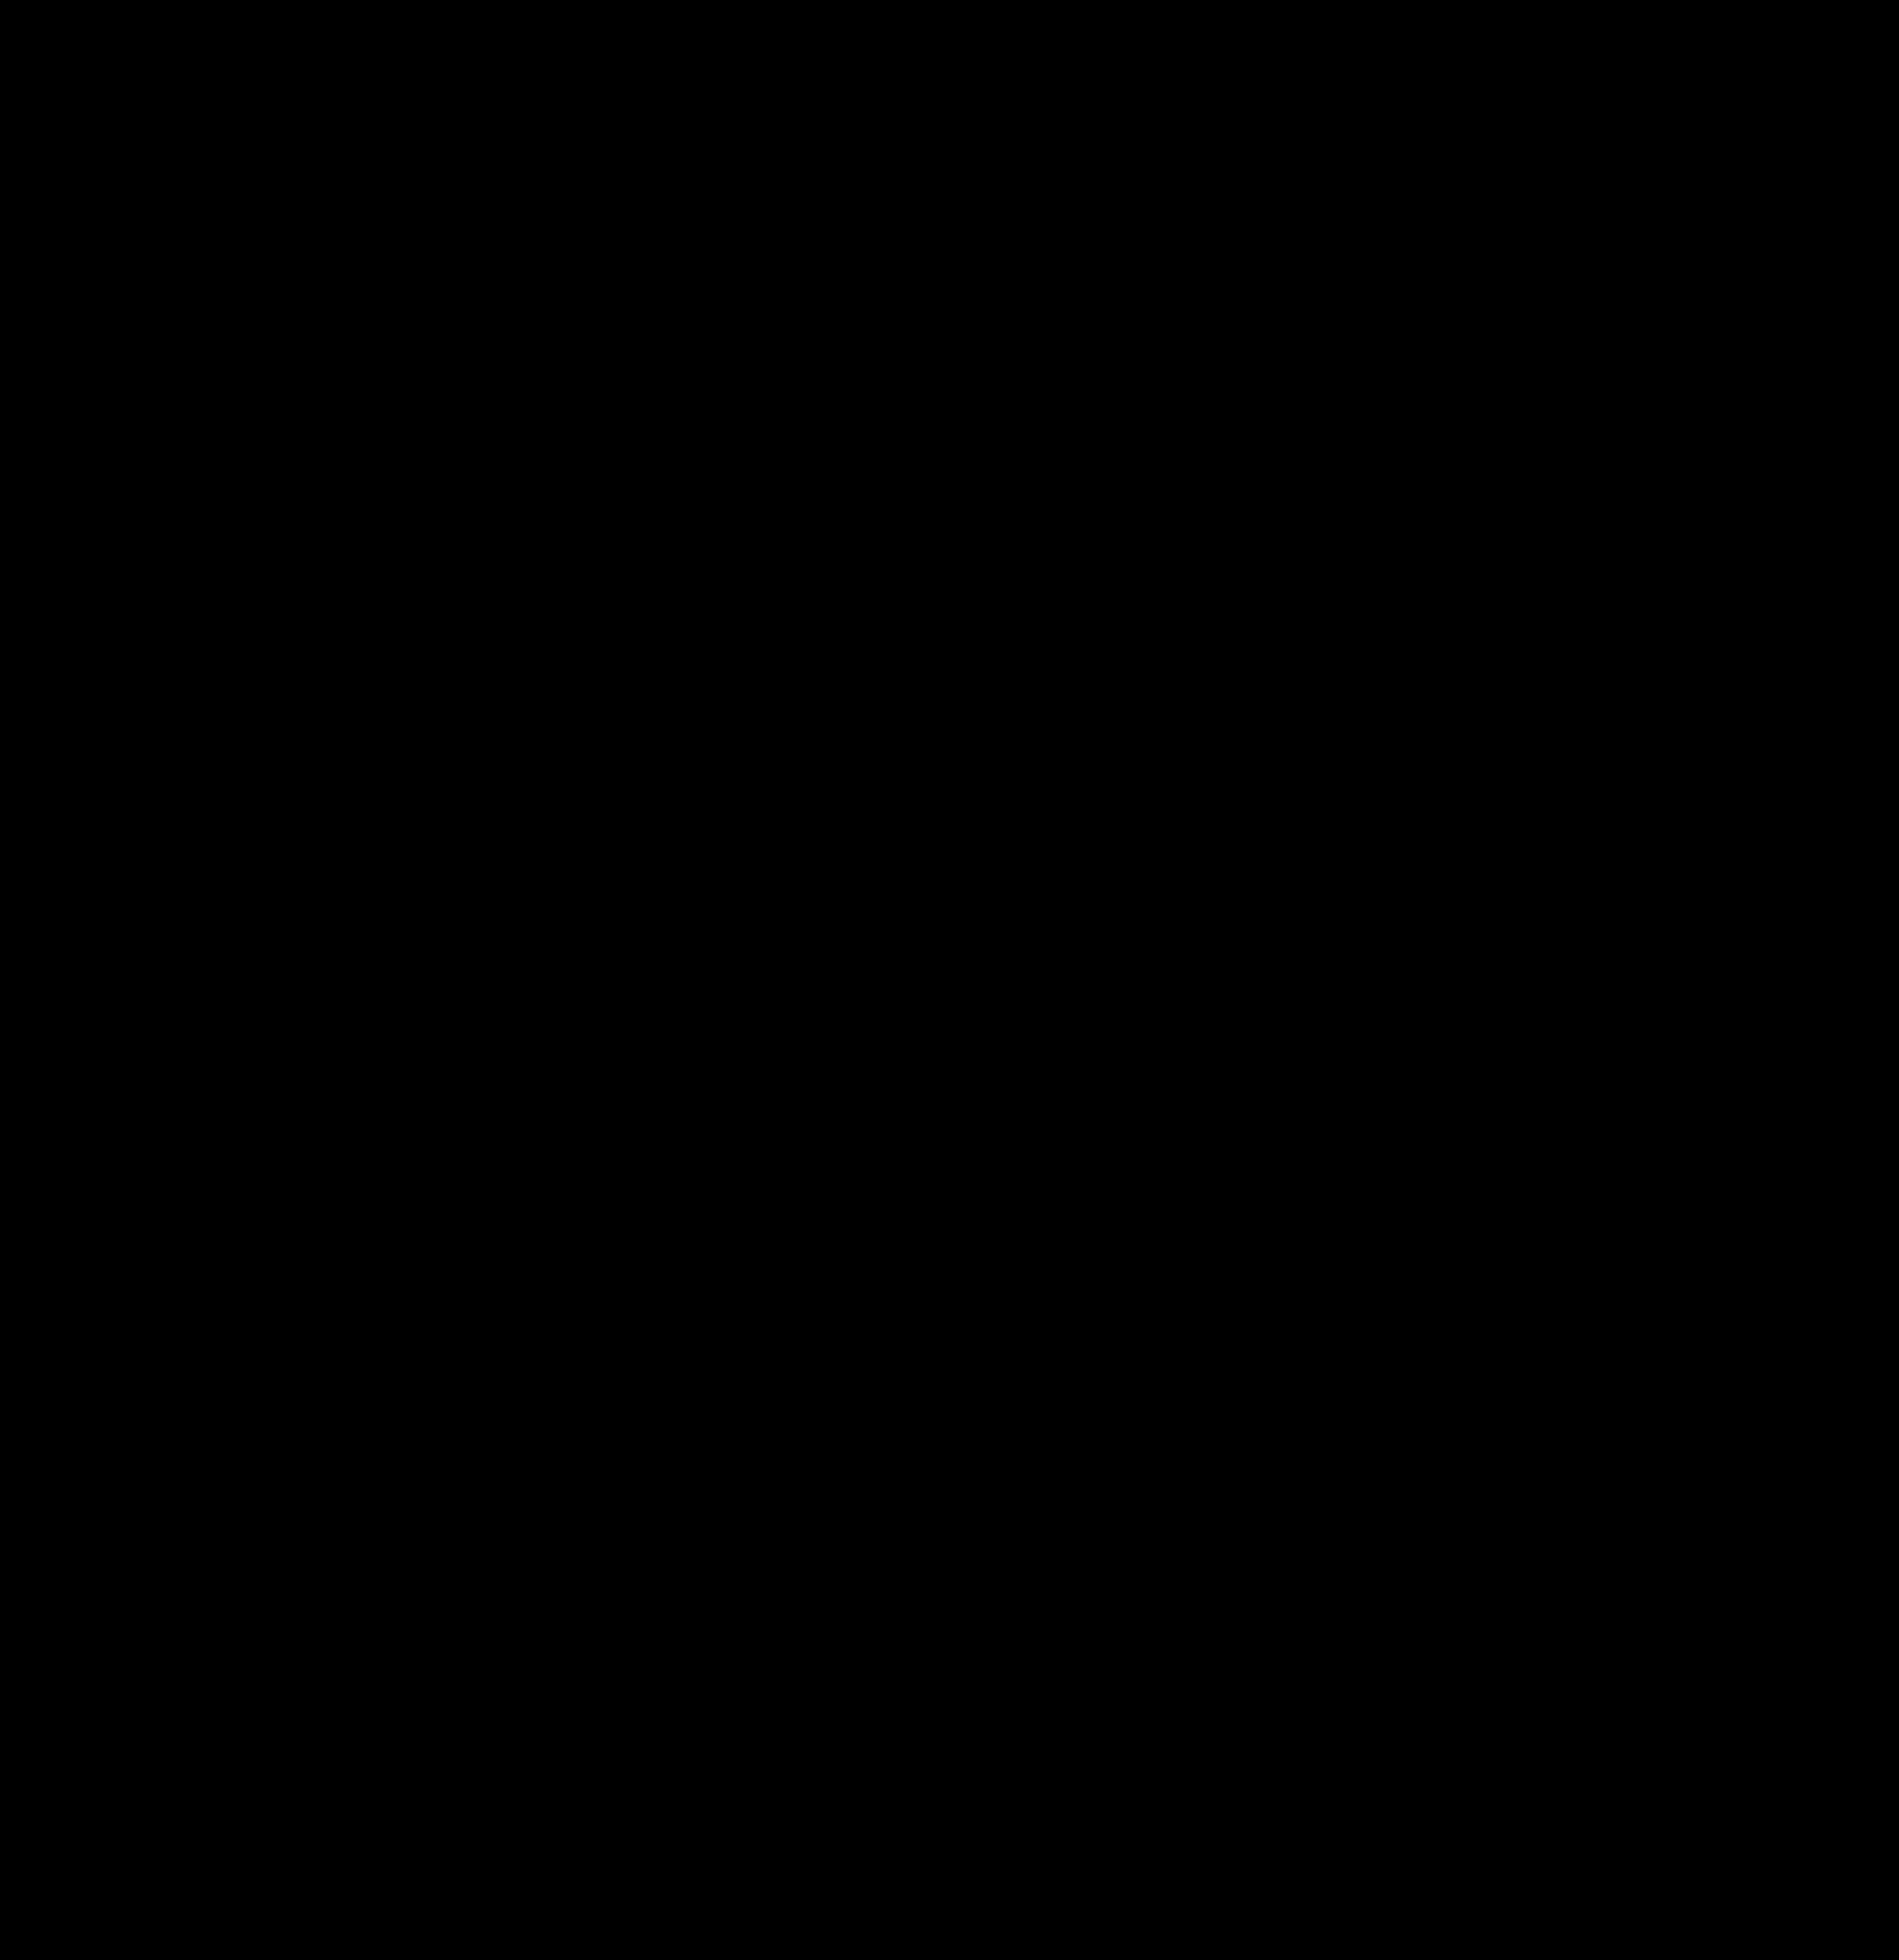 clipart - letter v or u